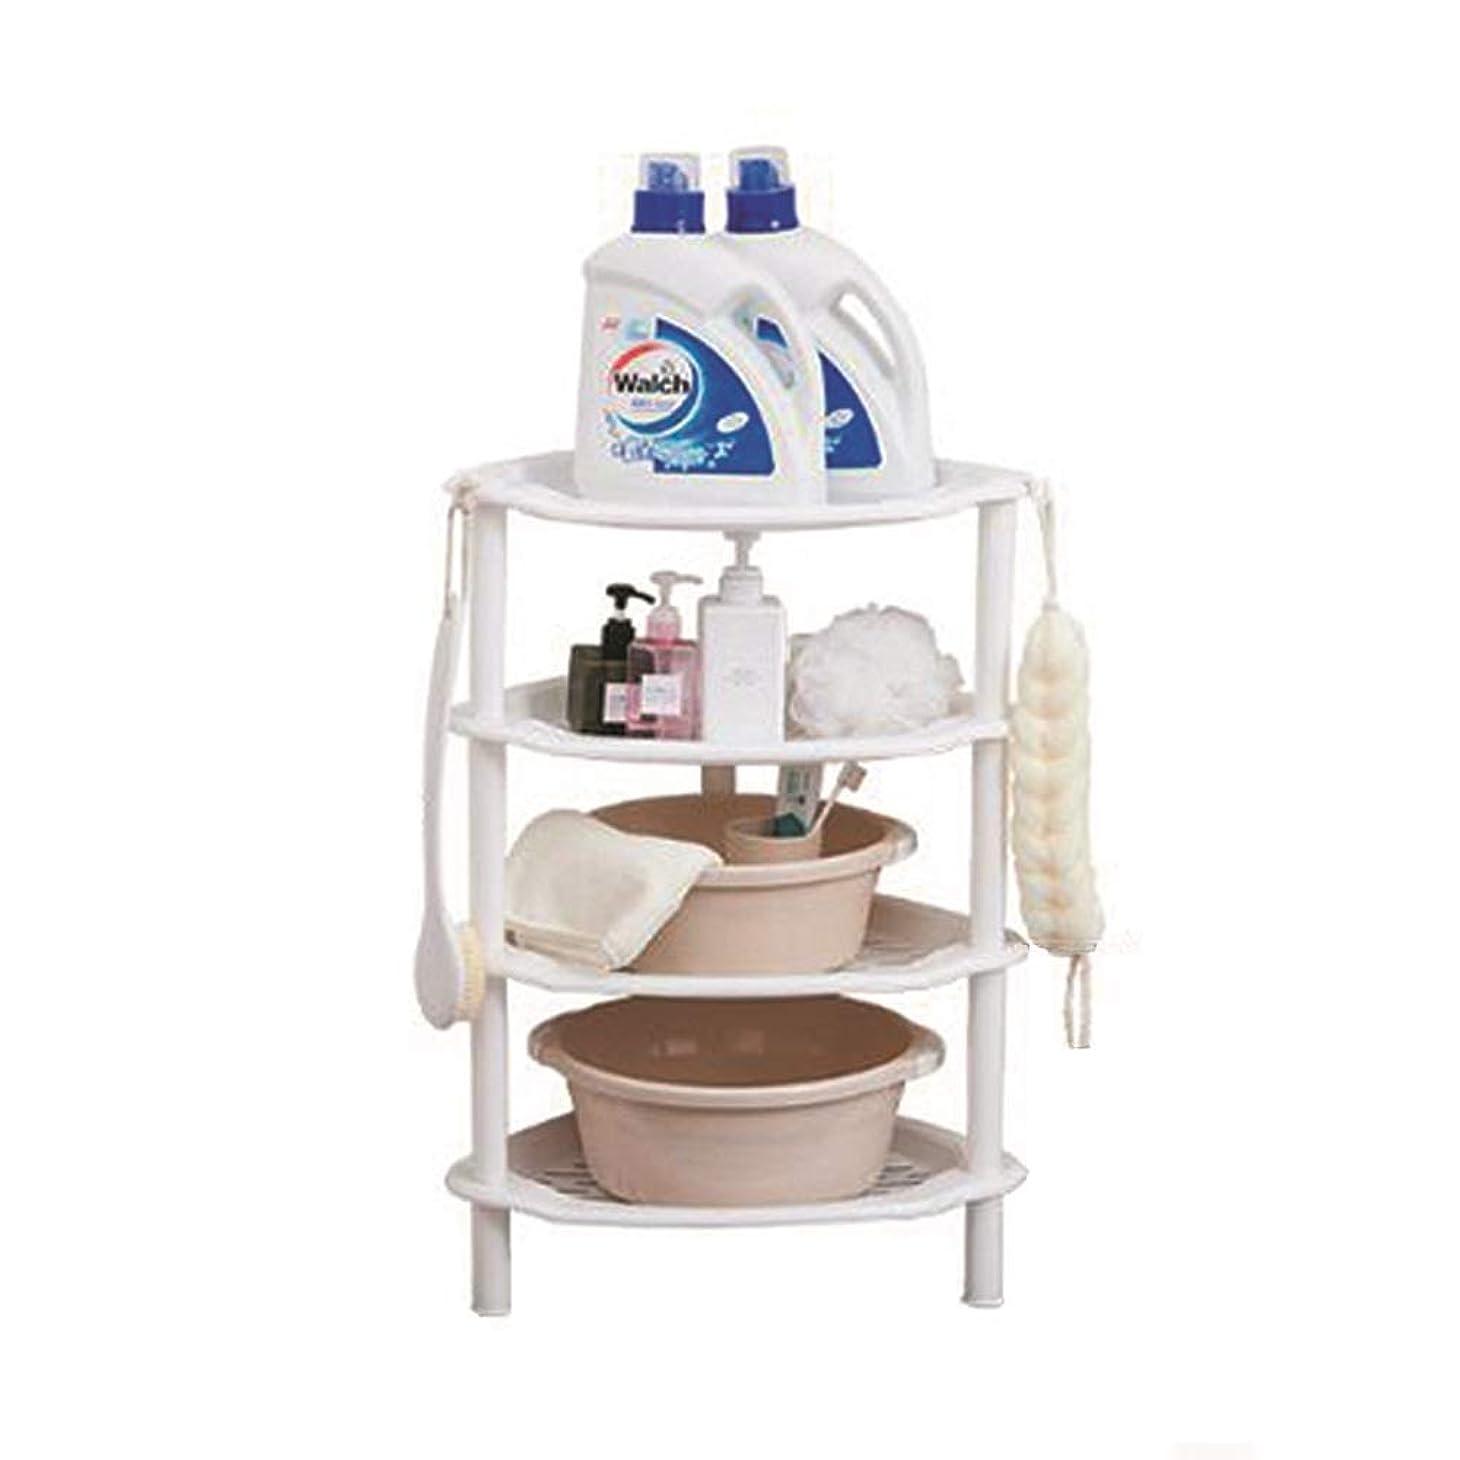 端末振る舞いボイドYQQ-棚 強い白いプラスチック製のシャワーキャディコーナー棚バスルームラックキッチン収納ユニットクイック構築するのは簡単きれいに